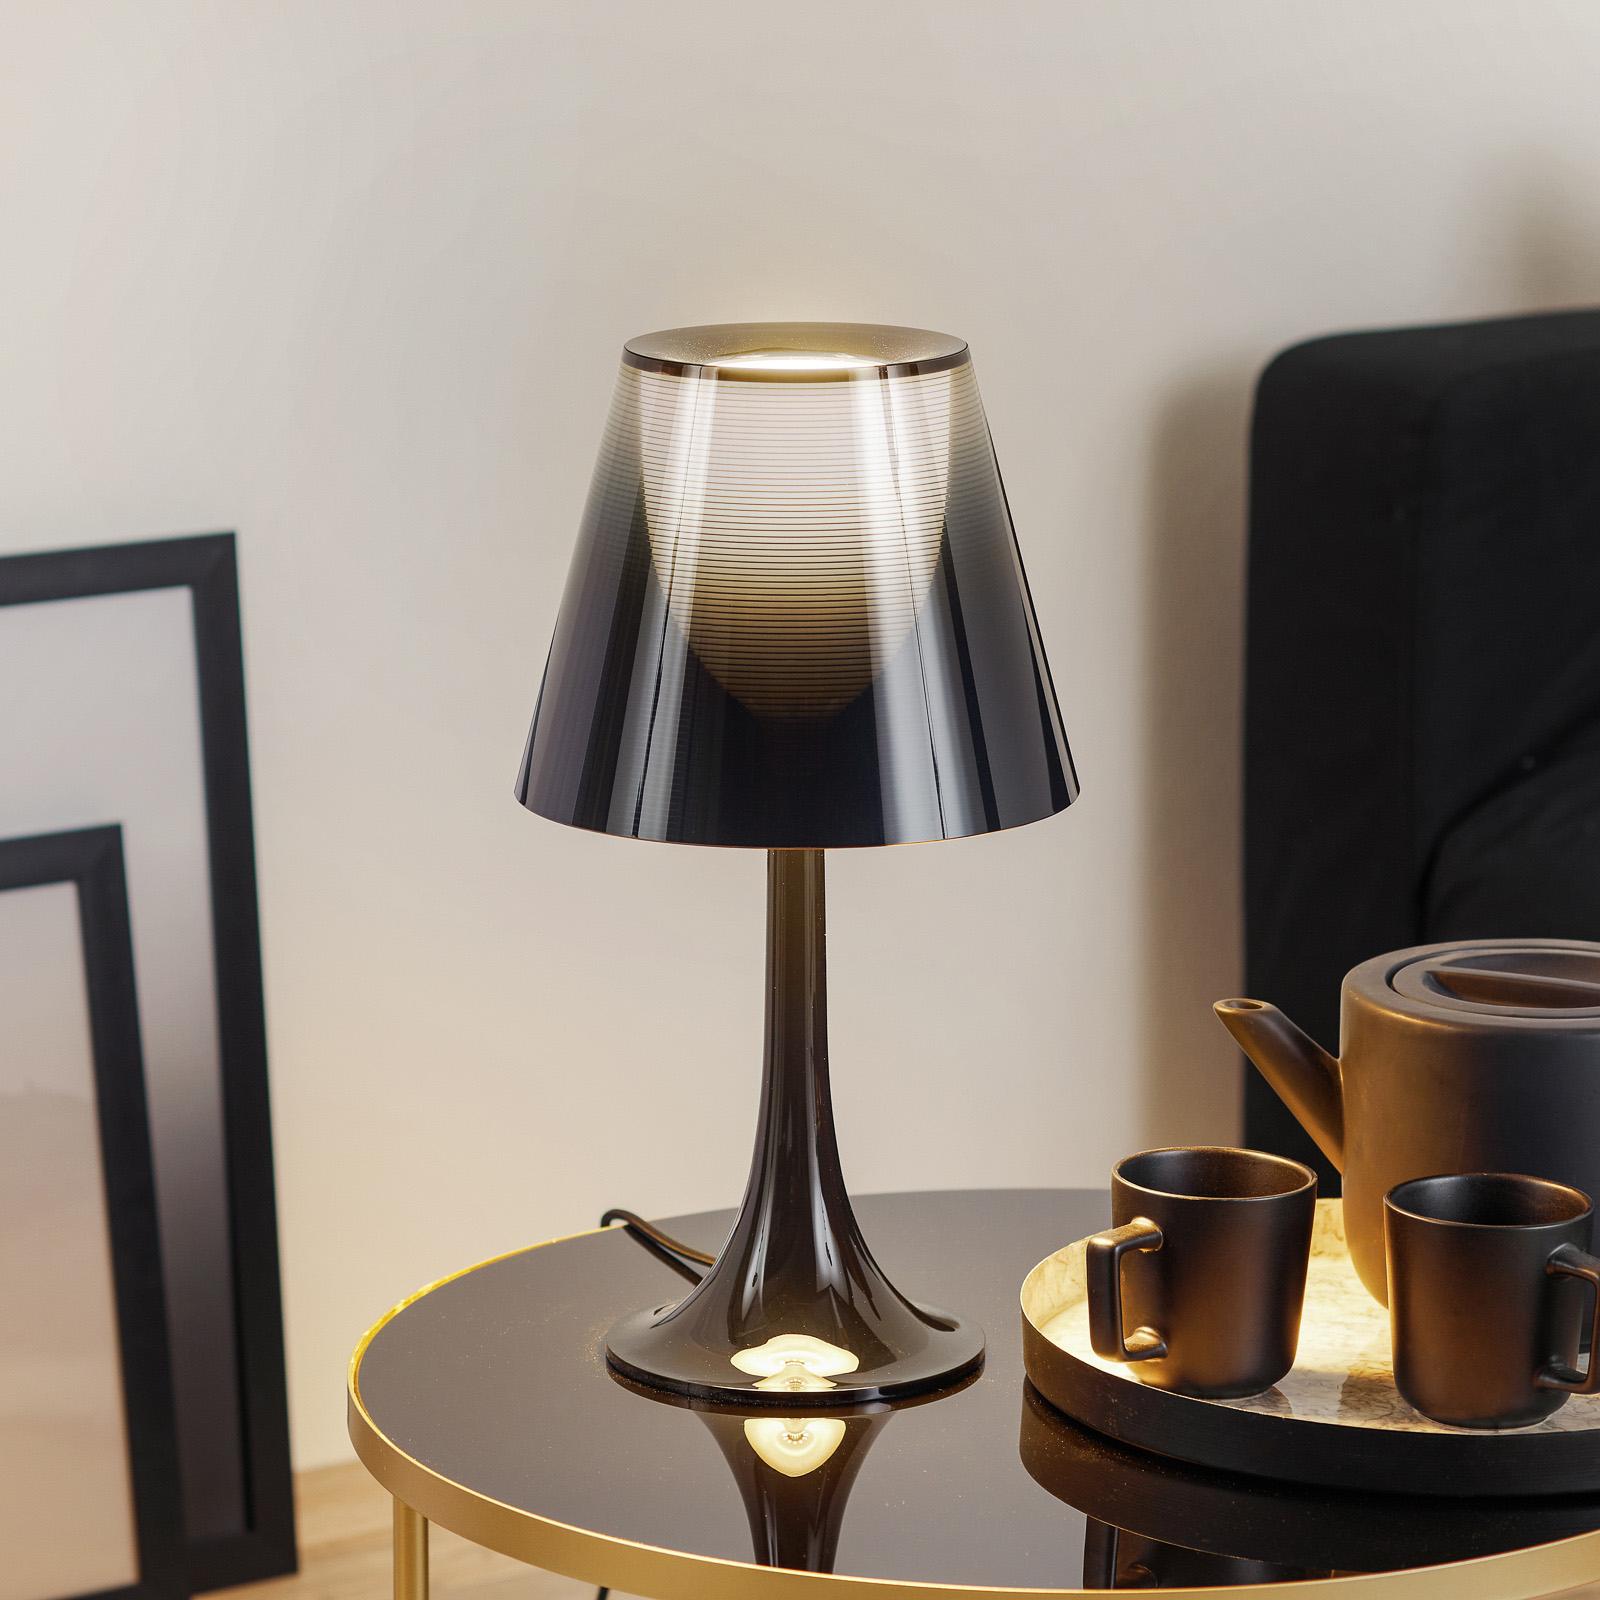 MISS K table lamp in black_3510016_1